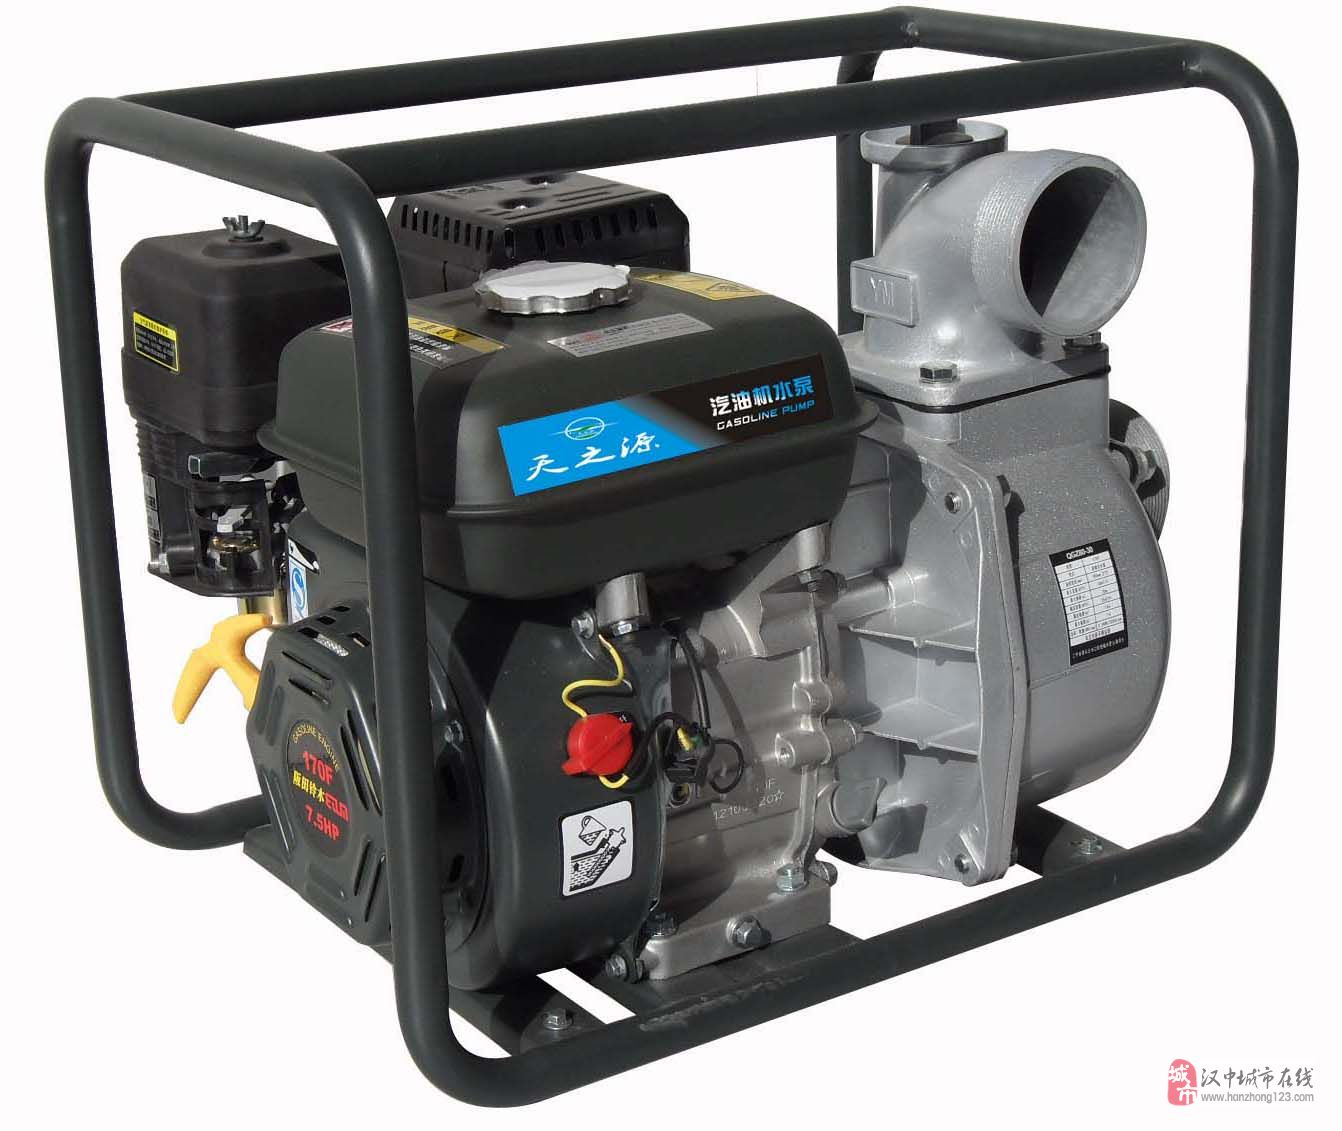 汉中汽油机水泵批发,汉中汽油机水泵销售,维修。